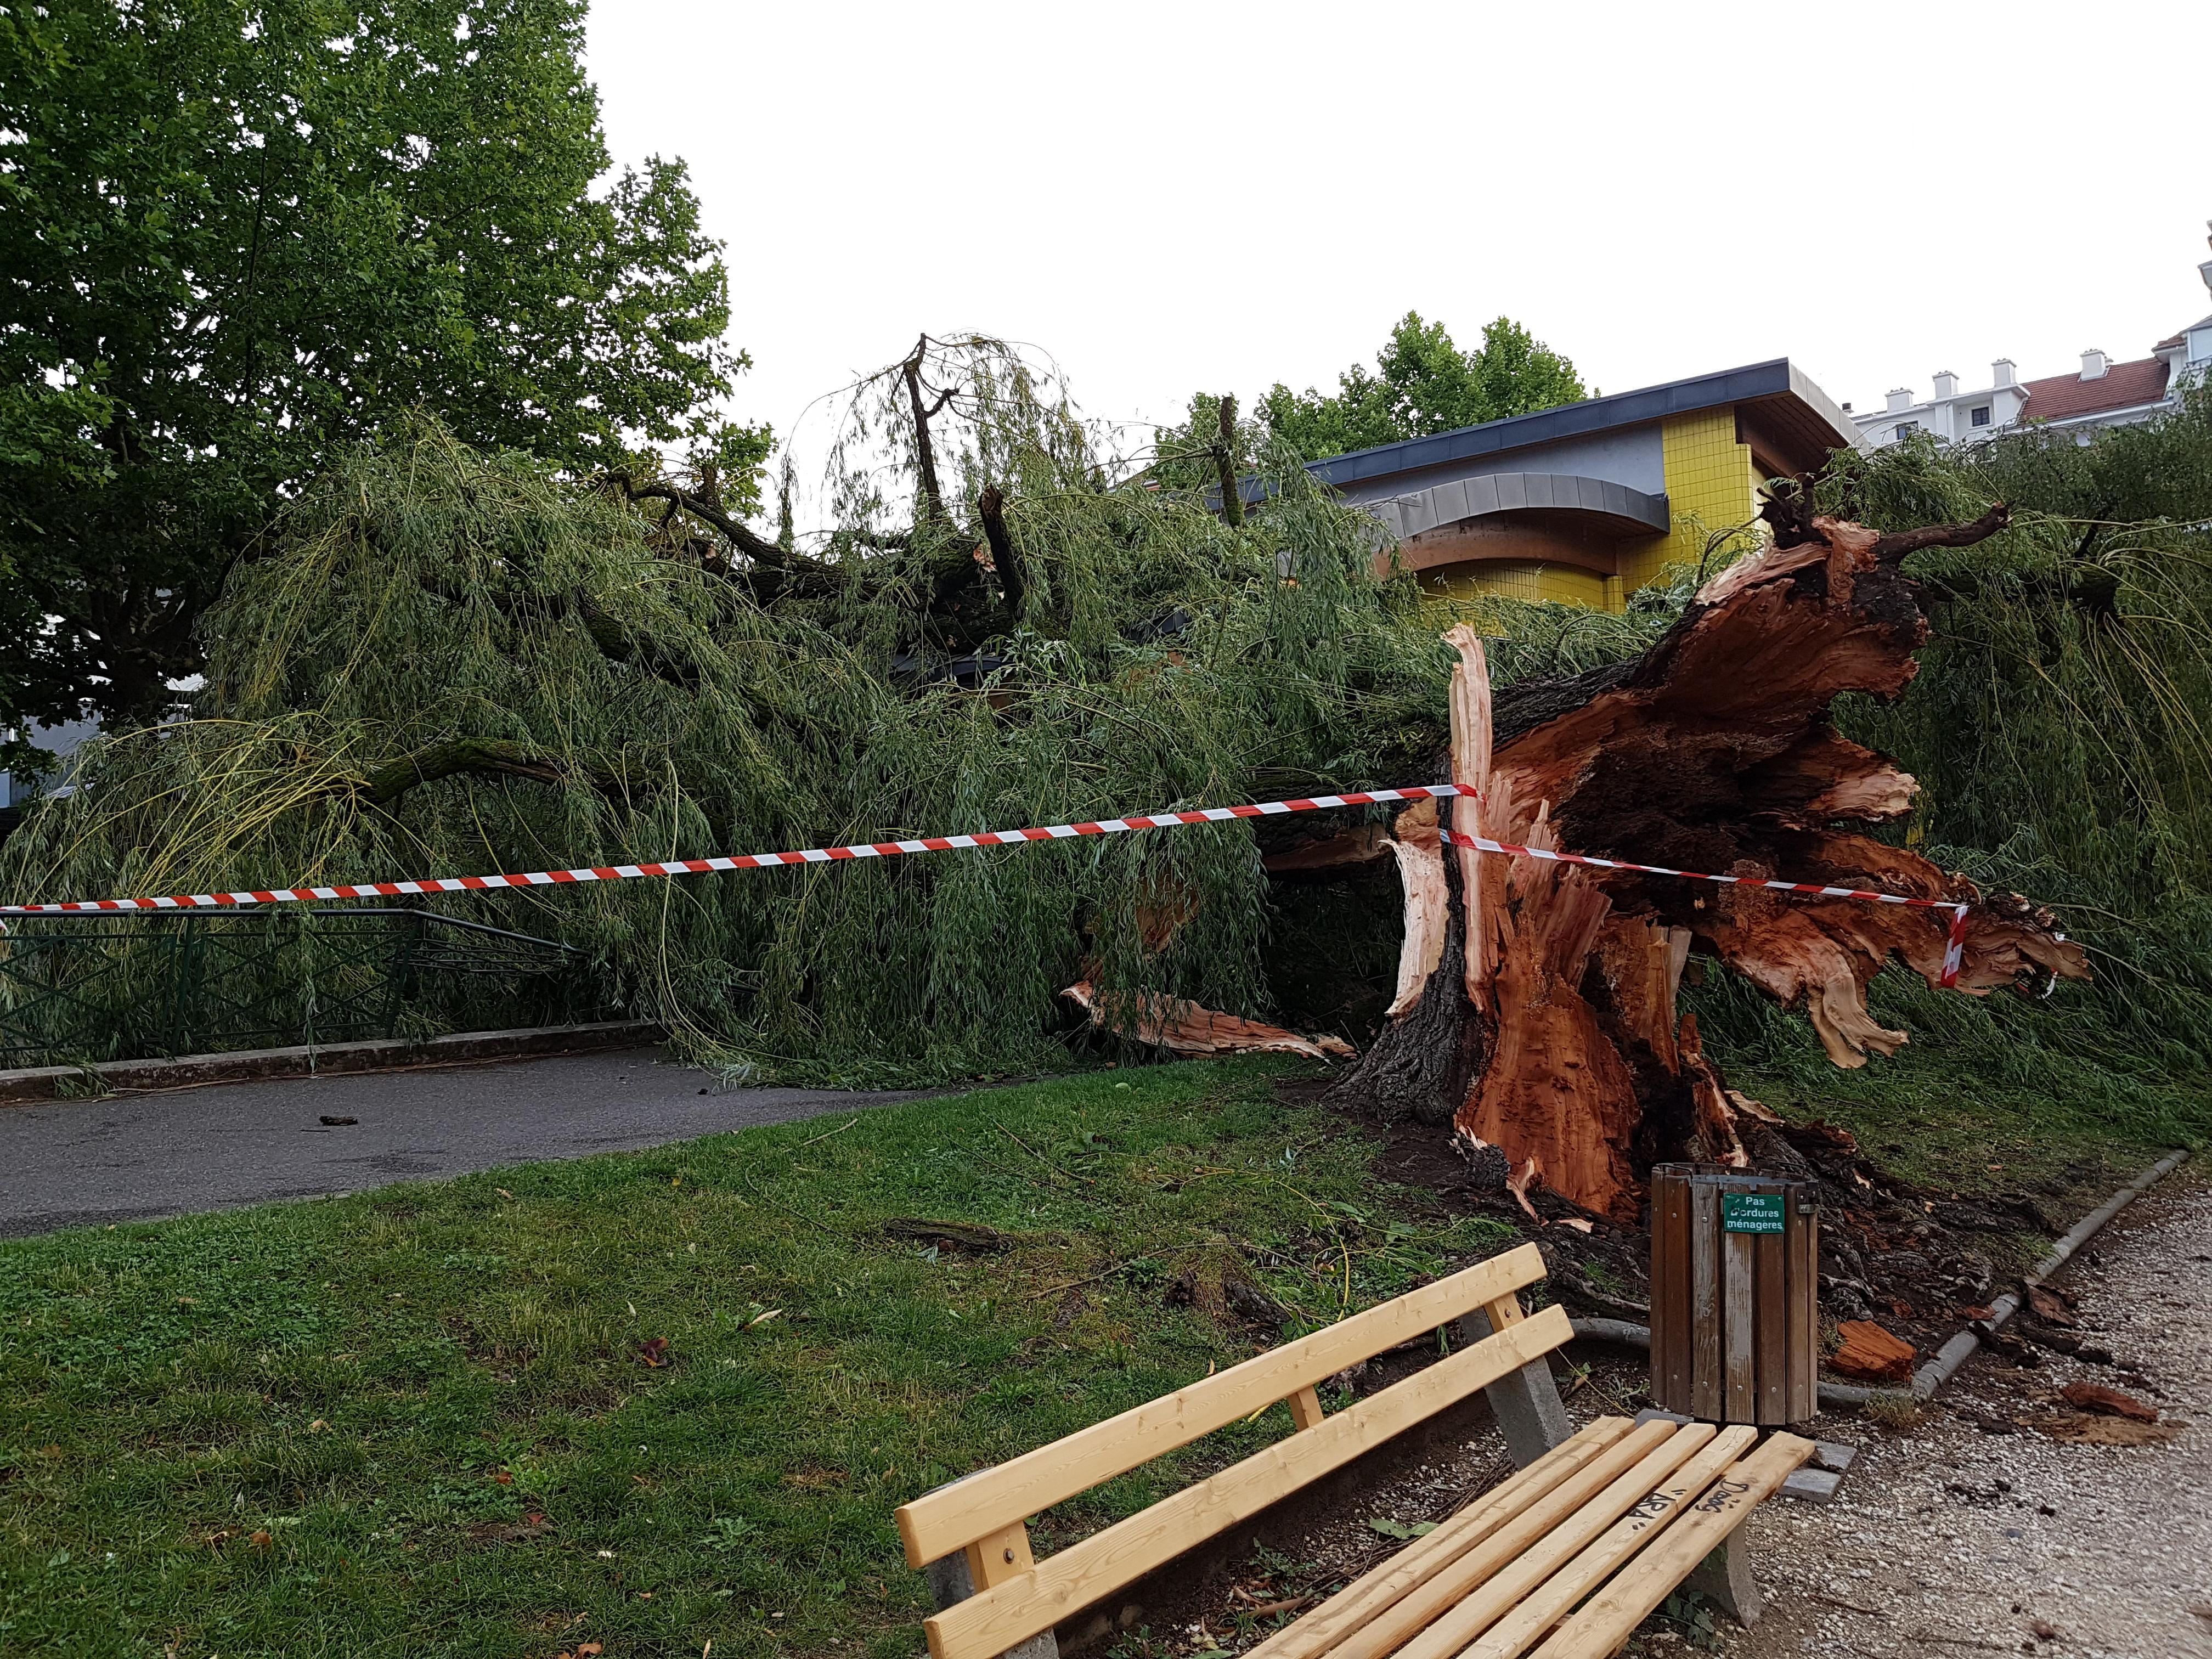 (VIDEOS) Annecy / Aix-les-Bains : des vagues impressionnantes sur le lac, un arbre tombe sur une école et des dégâts au parc de verdure